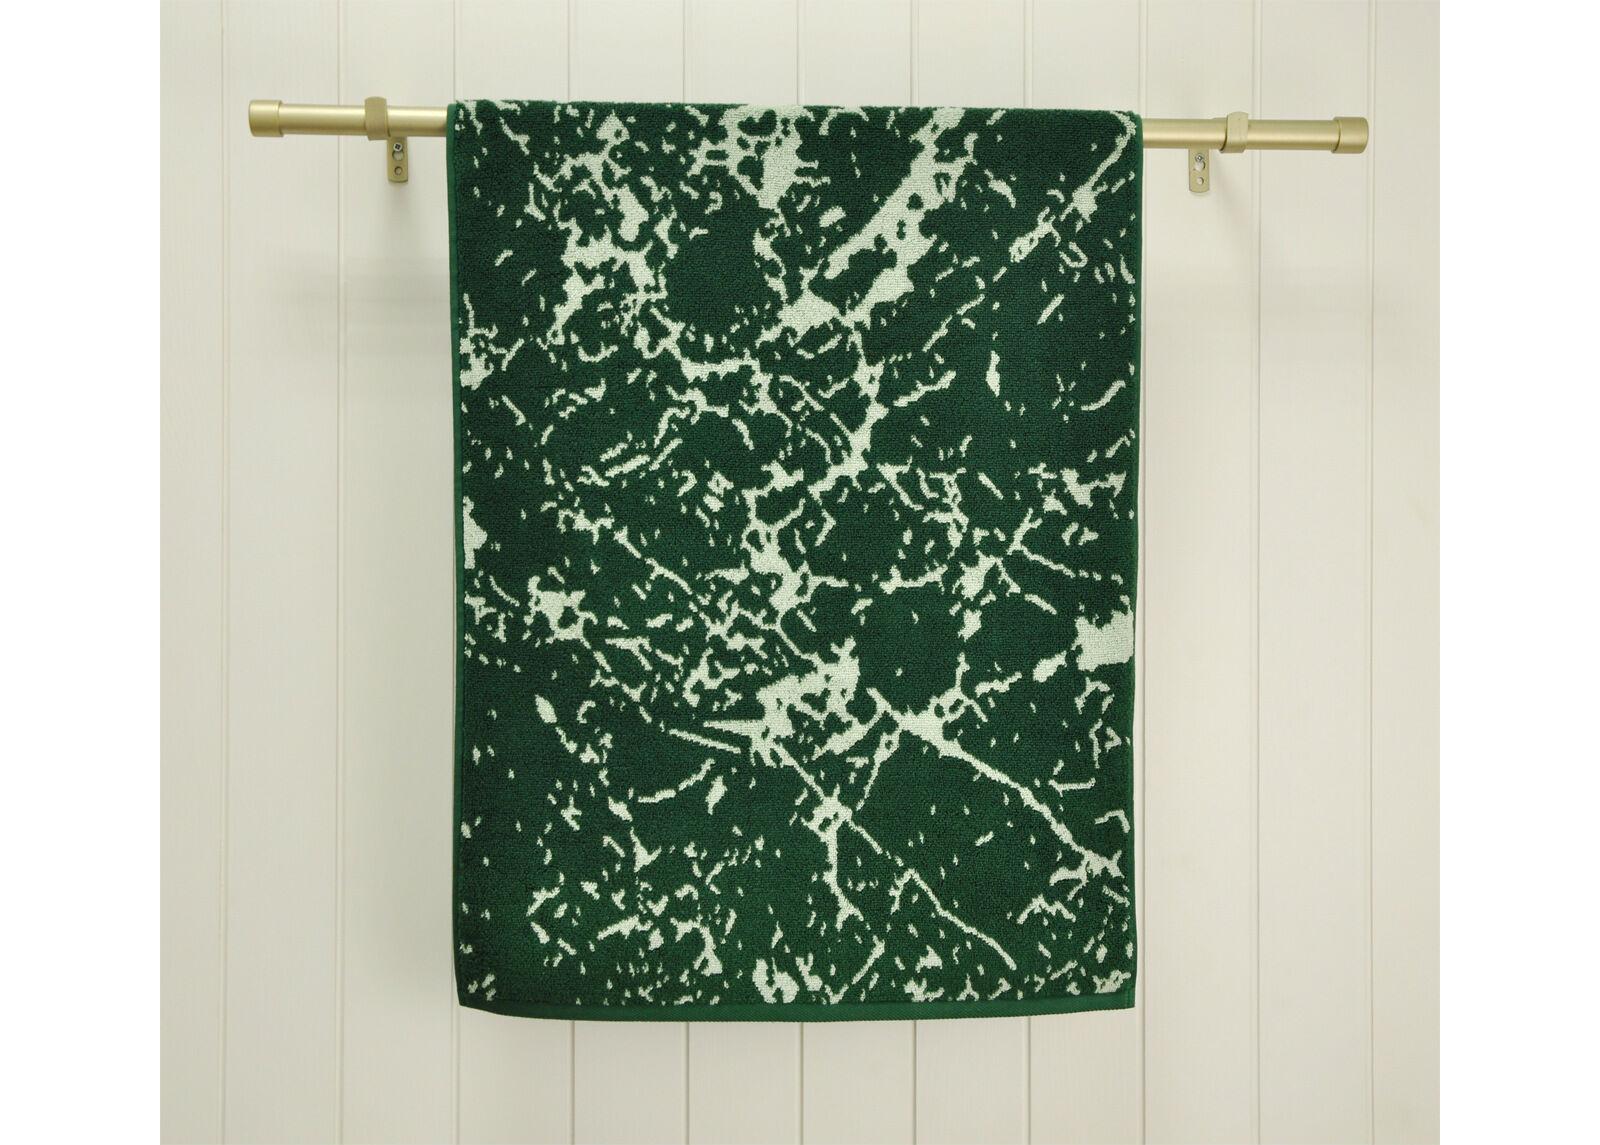 ARDENZA Froteepyyhe Marble, vihreä 48x90 cm